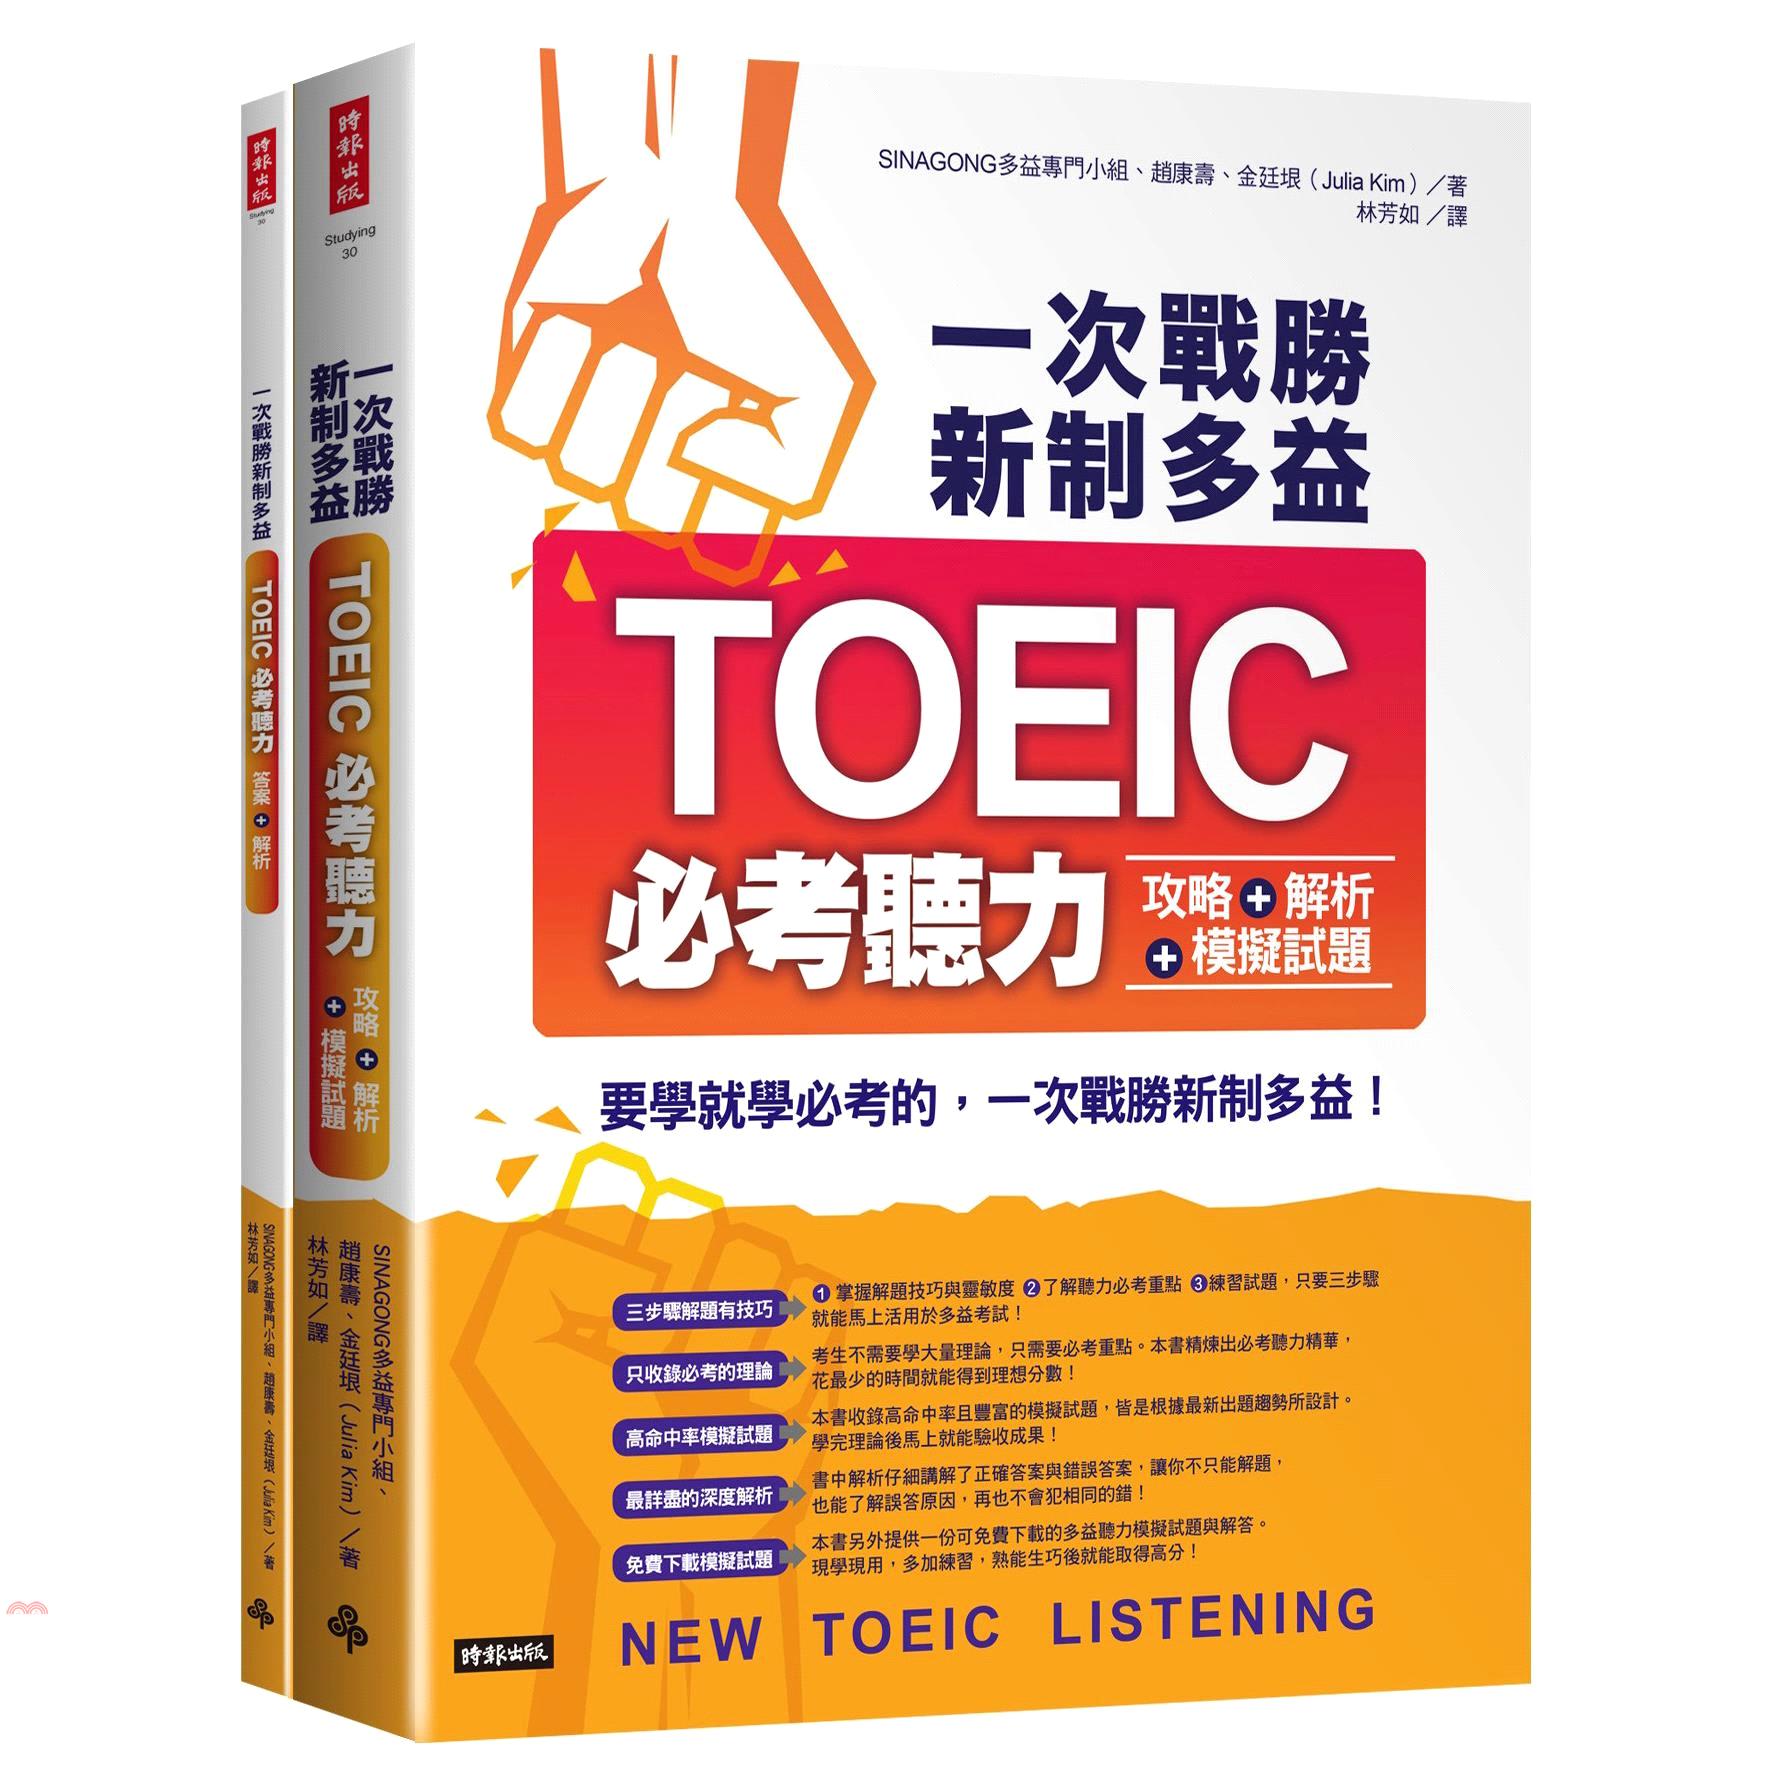 《時報文化》一次戰勝新制多益TOEIC必考聽力攻略+解析+模擬試題[75折]